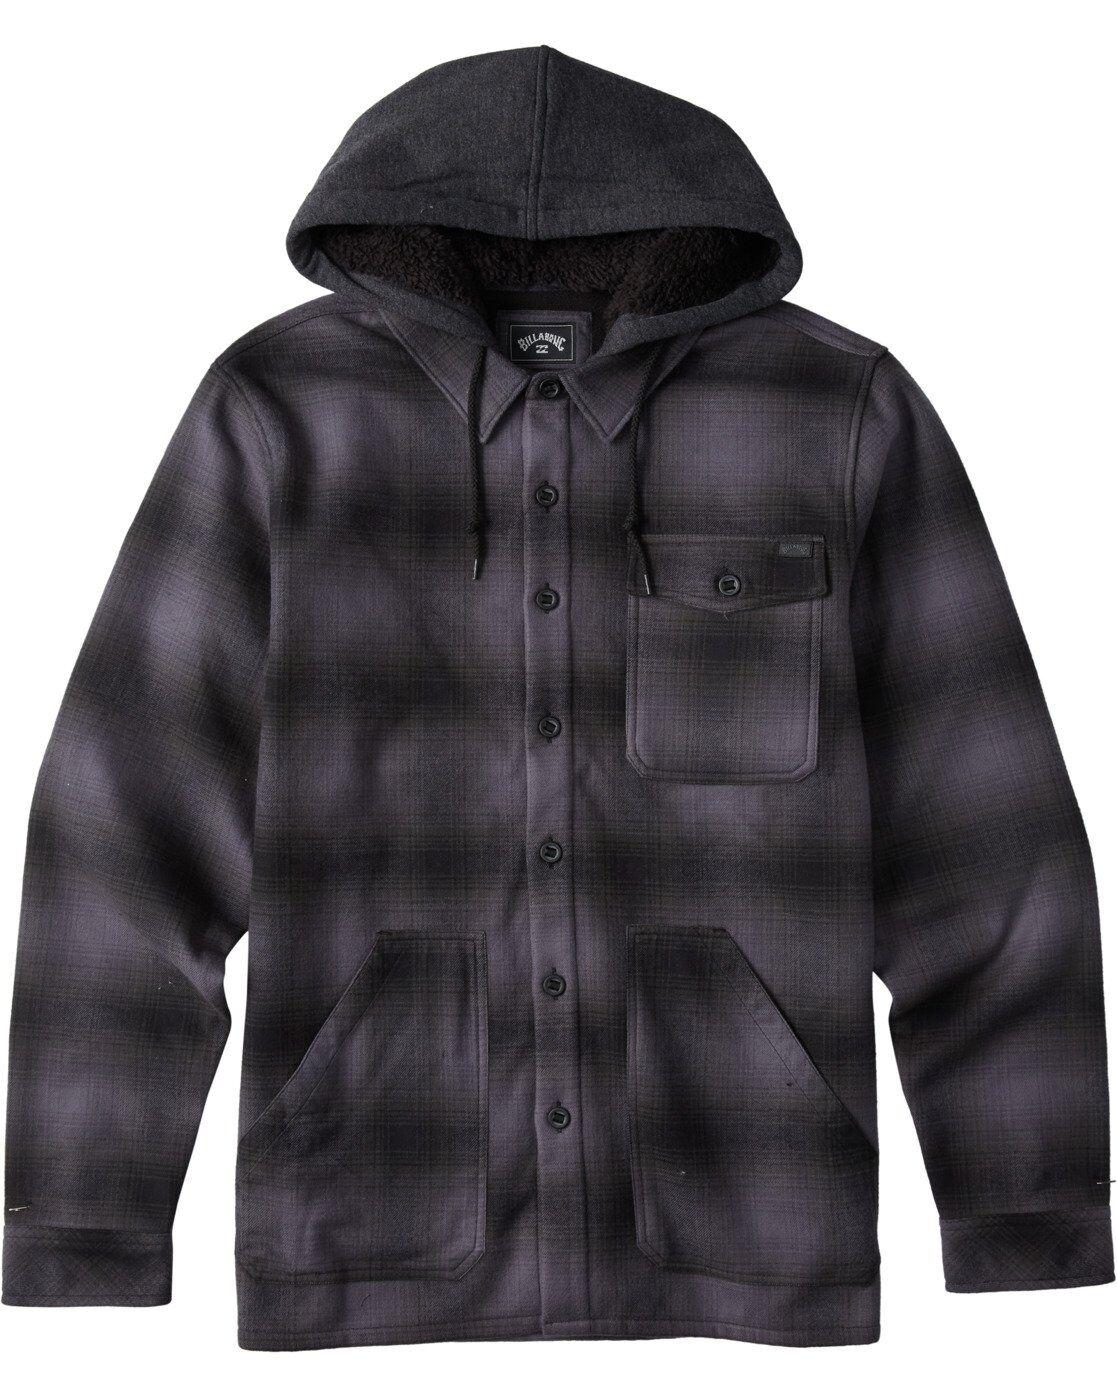 Billabong Furnace Bonded Flannel  - Black - Size: Medium